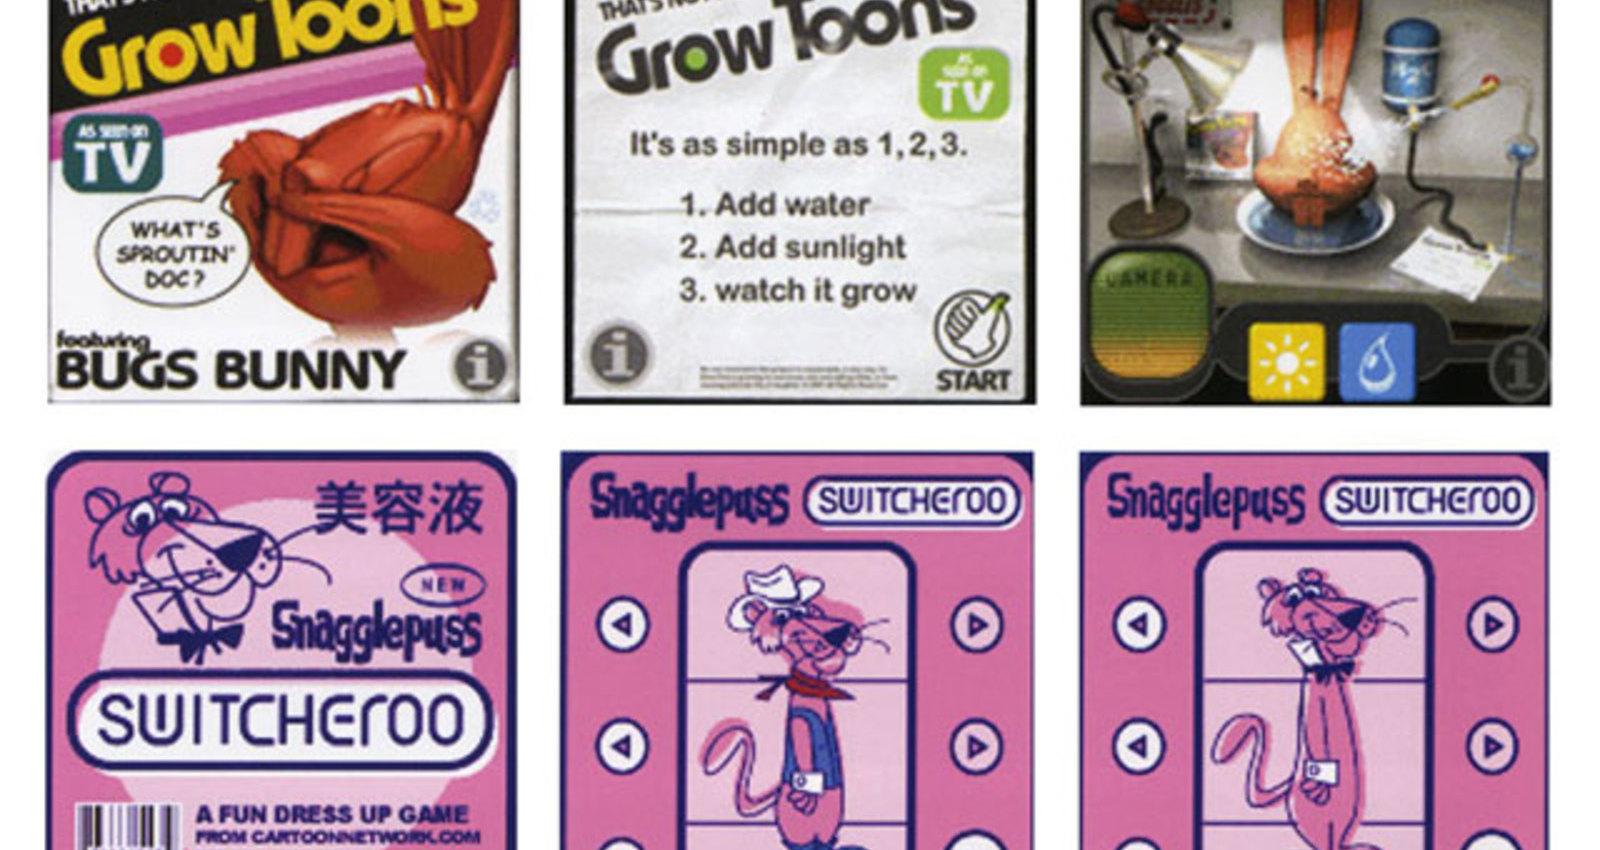 Orbit e-stickers